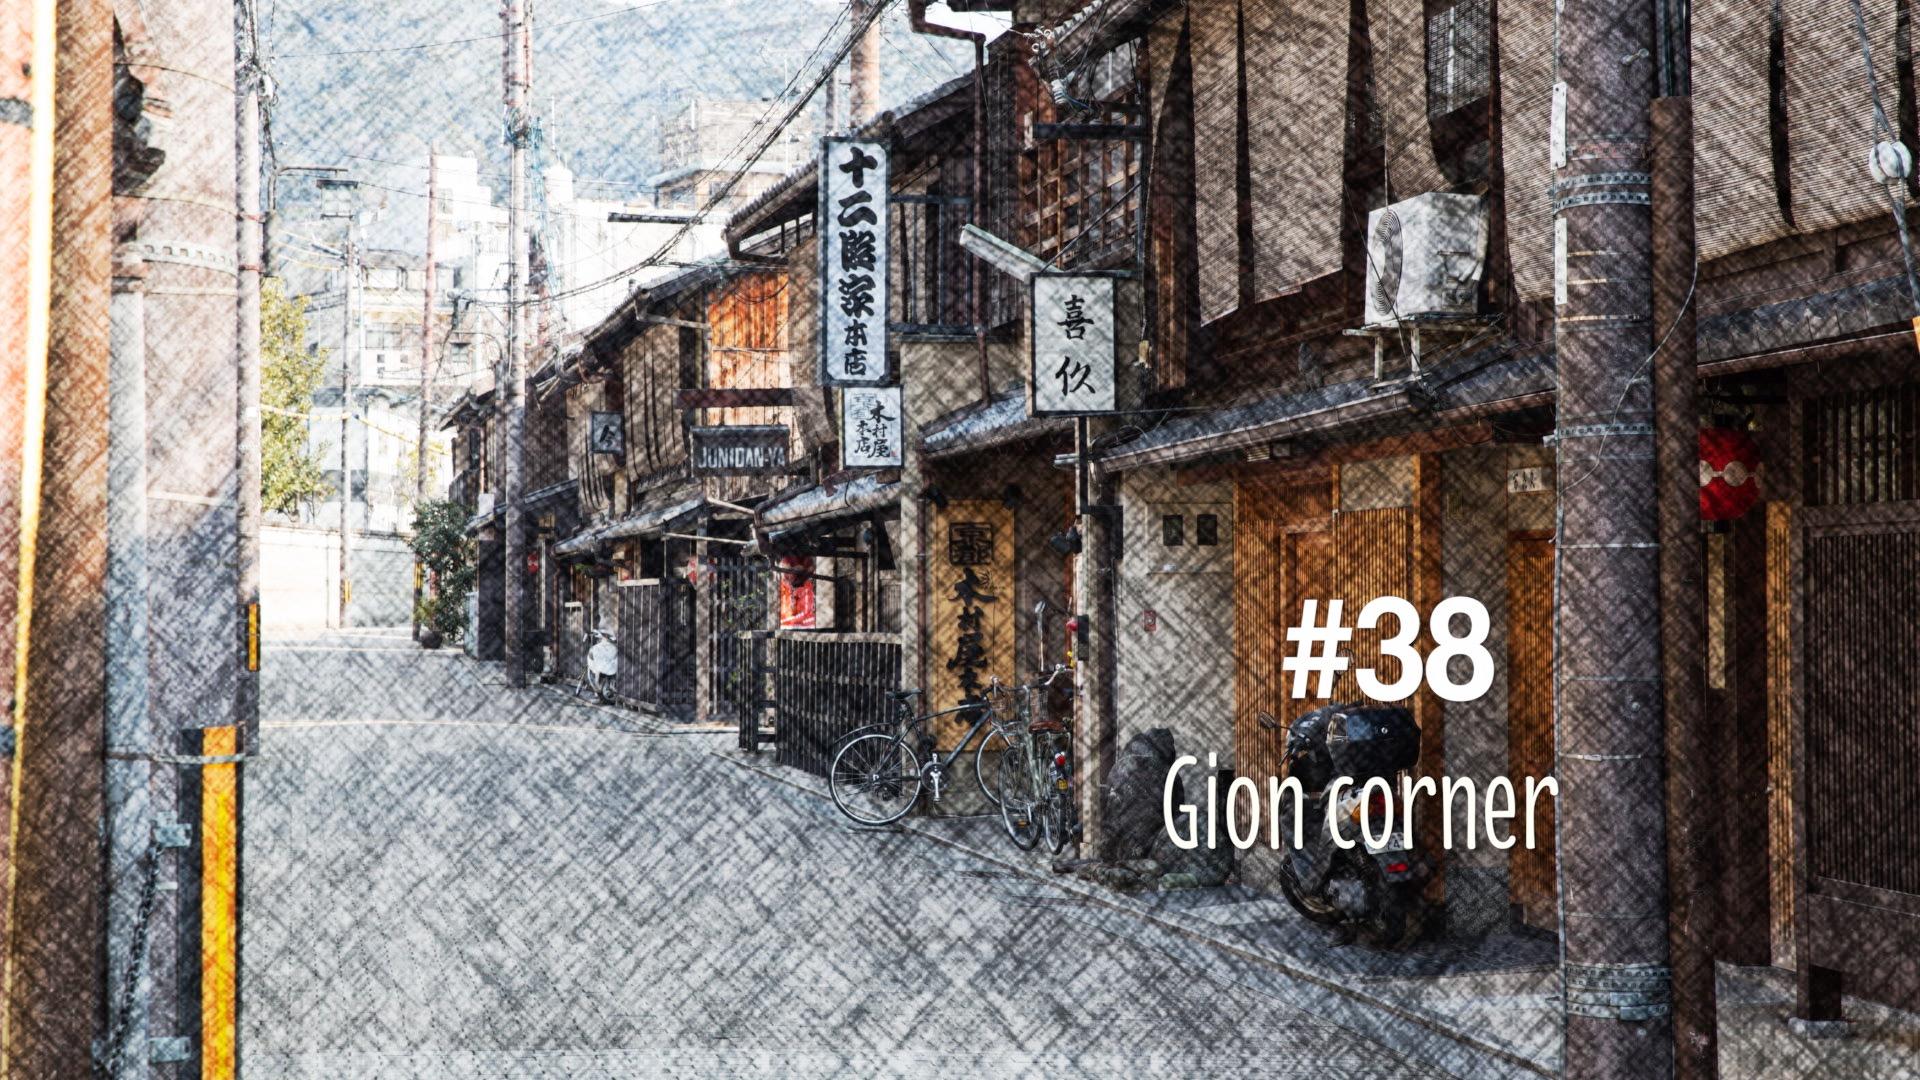 Le quartier de Gion à Kyoto (#38)